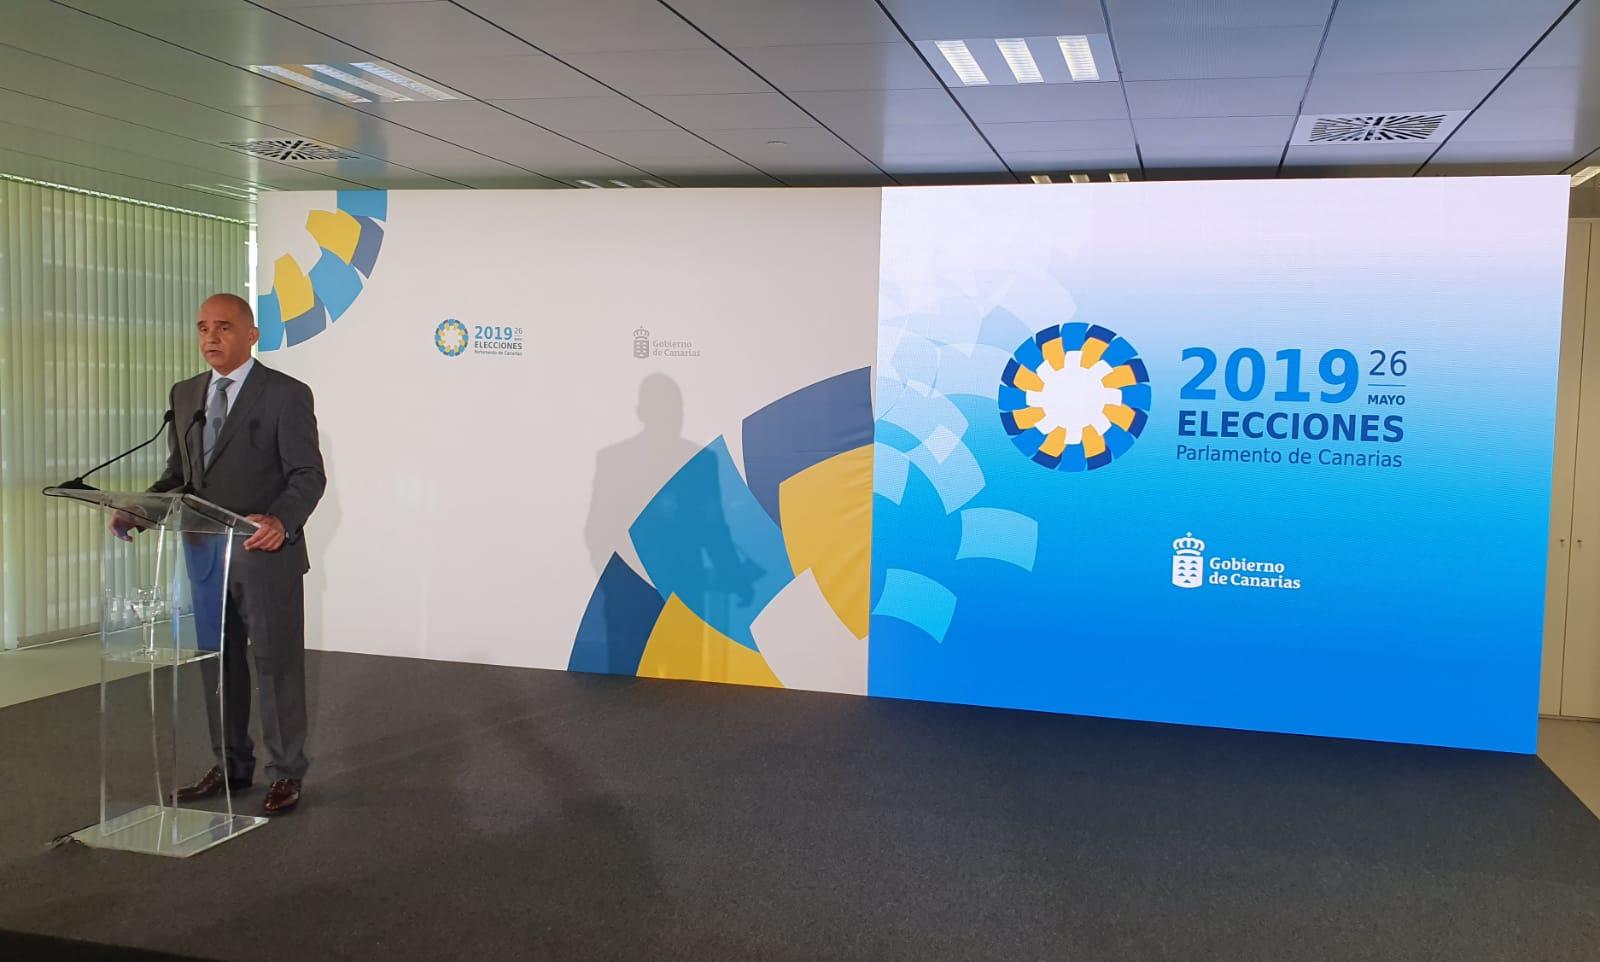 Antonio Llorens durante la primera comparecencia sobre participación en las elecciones al Parlamento de Canarias 2019